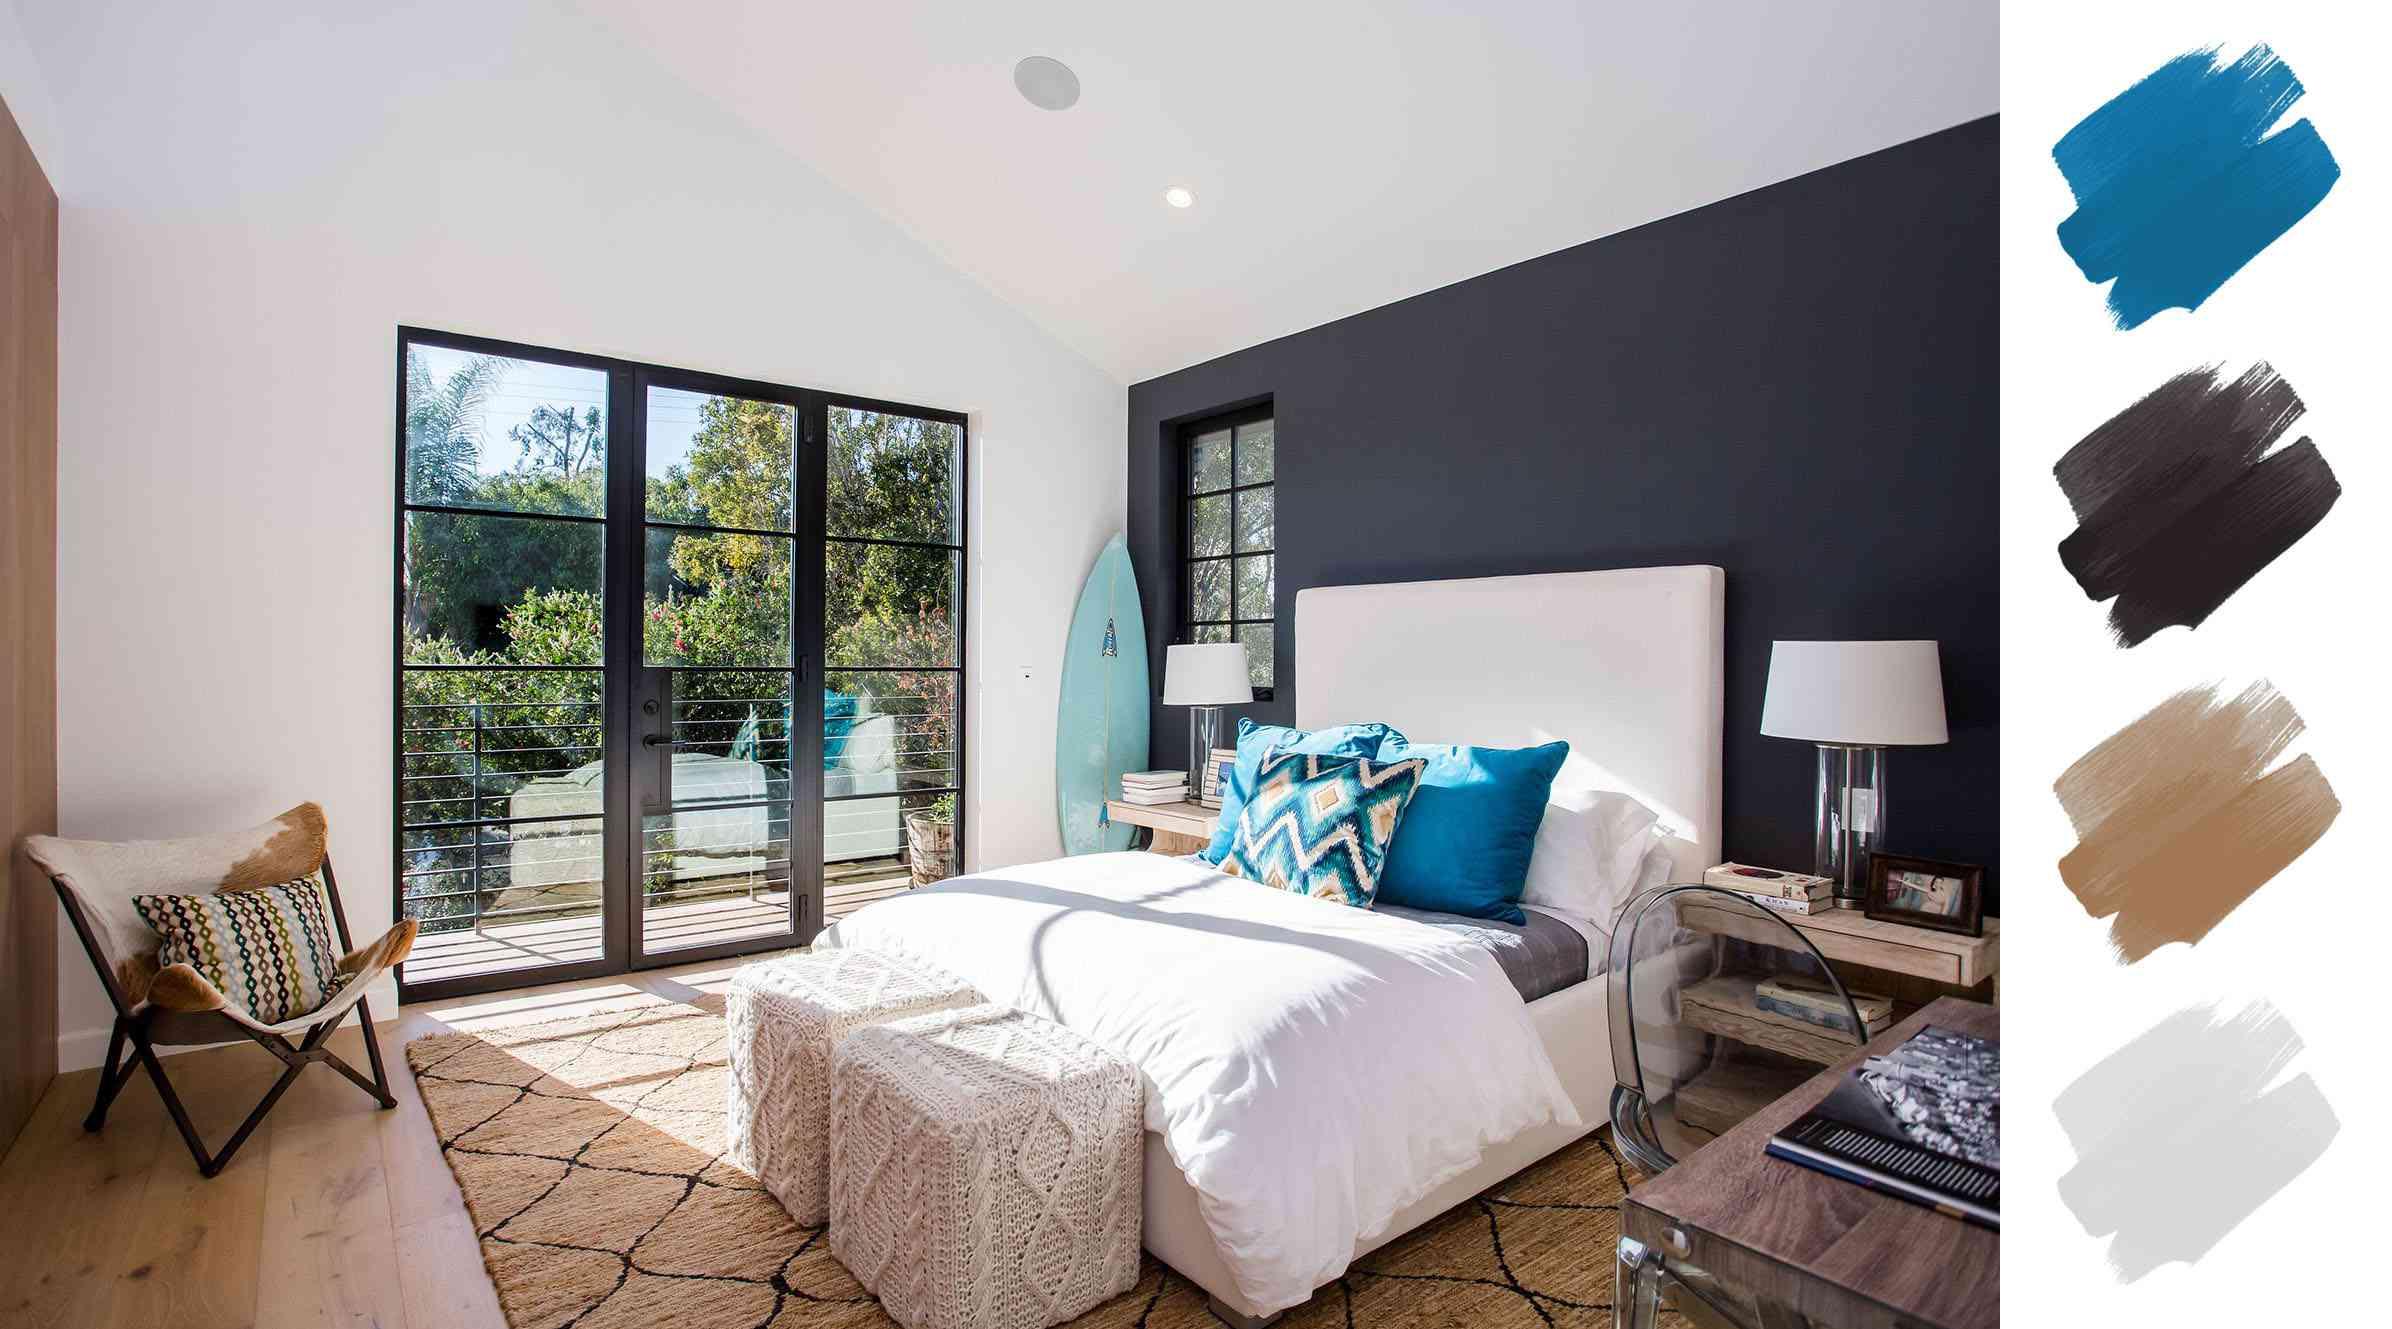 bedroom color schemes - bright blue + gray